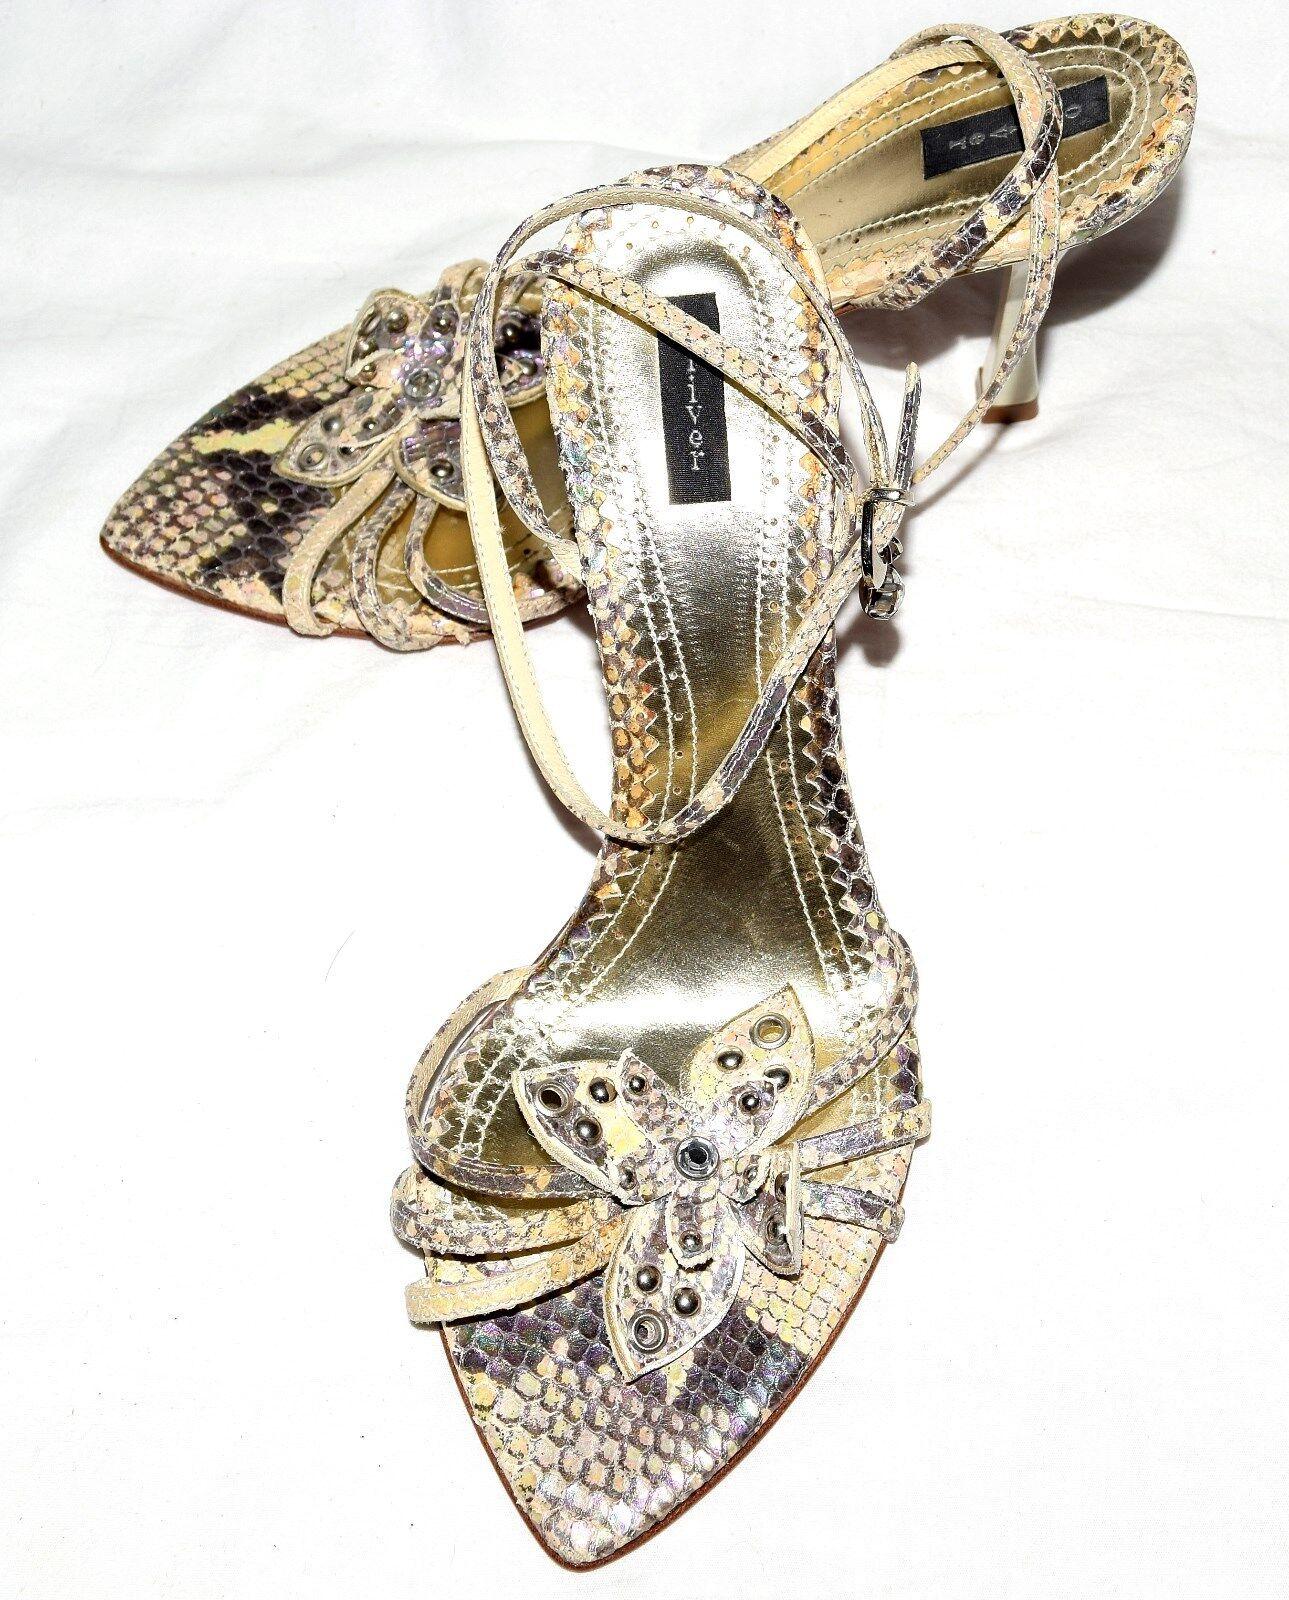 Oliver Beige Brown Snake Skin Strappy High Heel shoes Sz US 7M Eur 37  NWOB